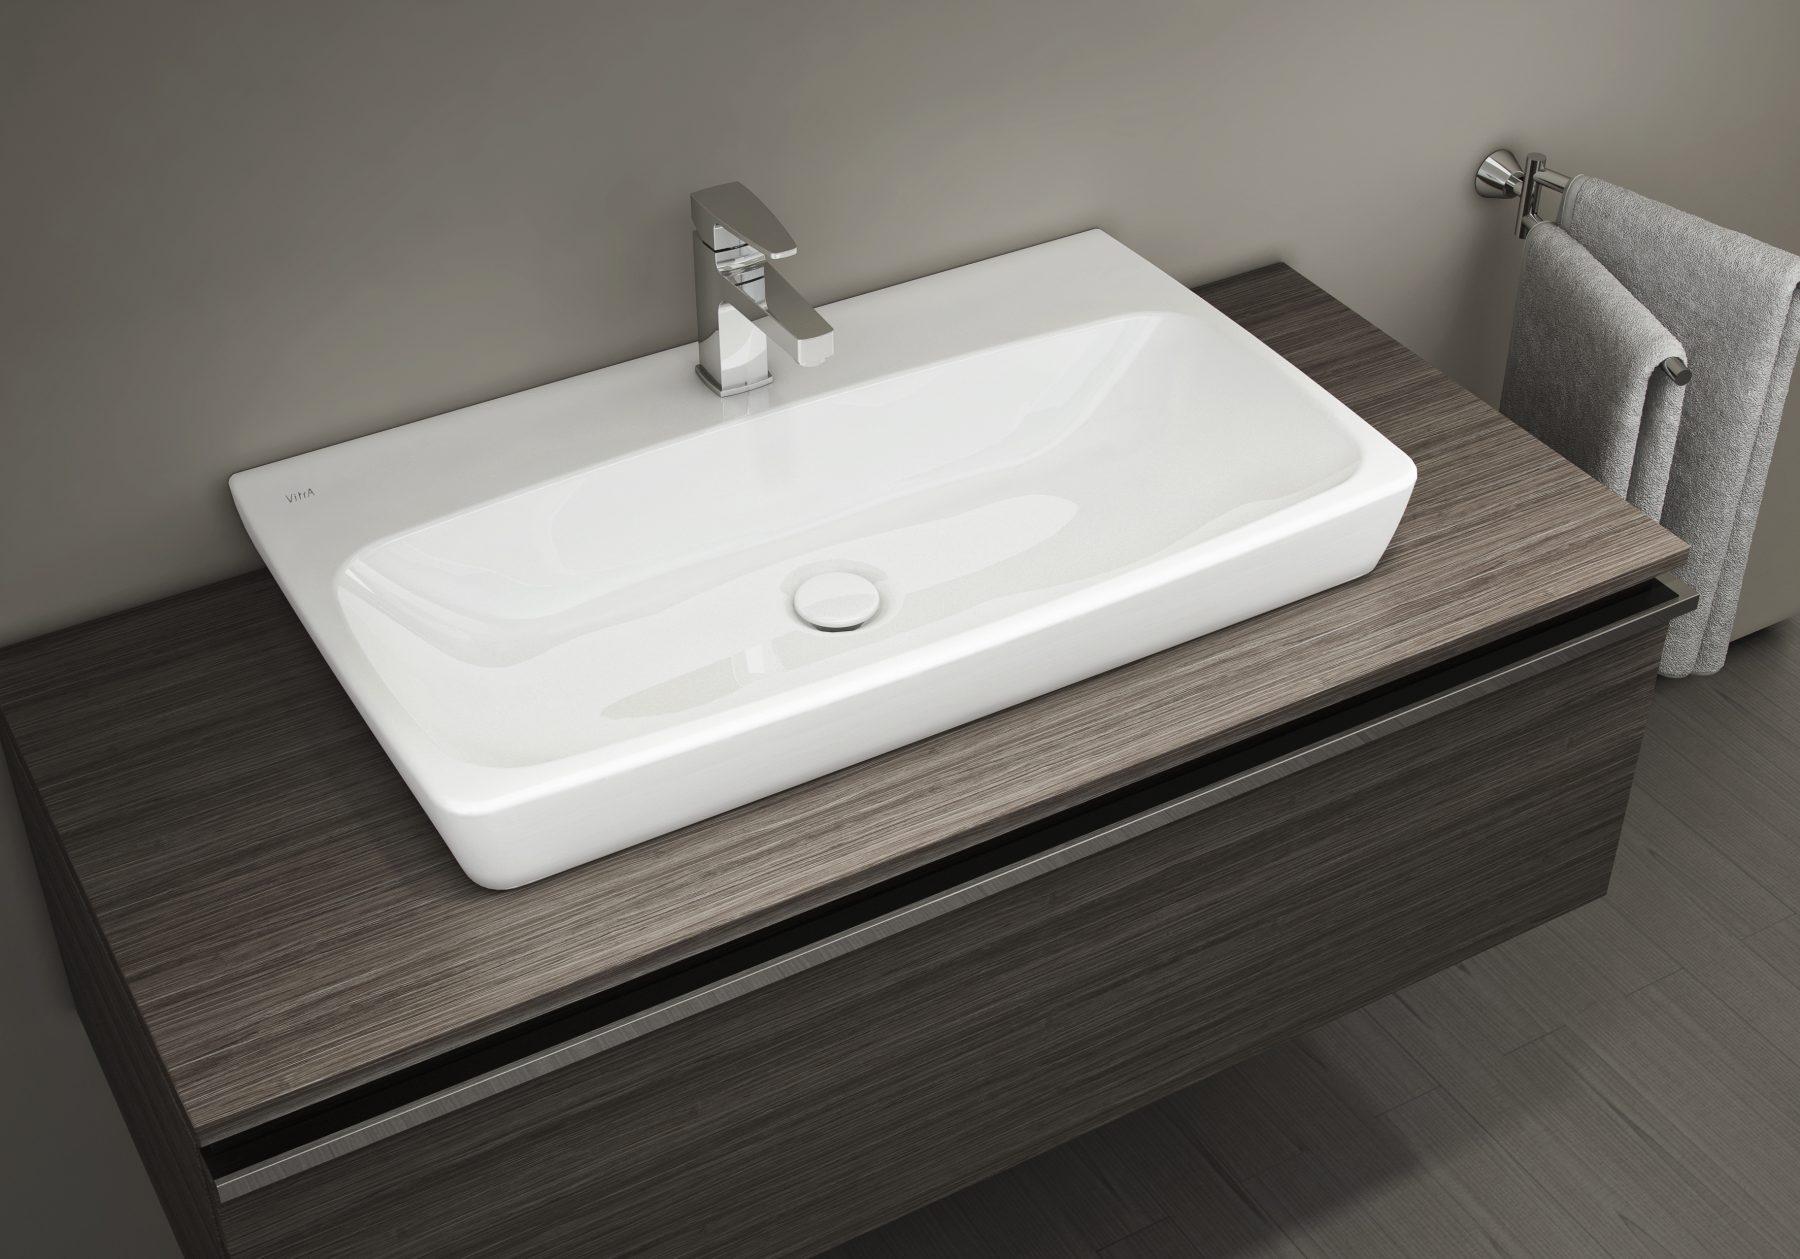 Lavabos poser dans la salle de bain fiche produit for Lavabo a poser salle de bain